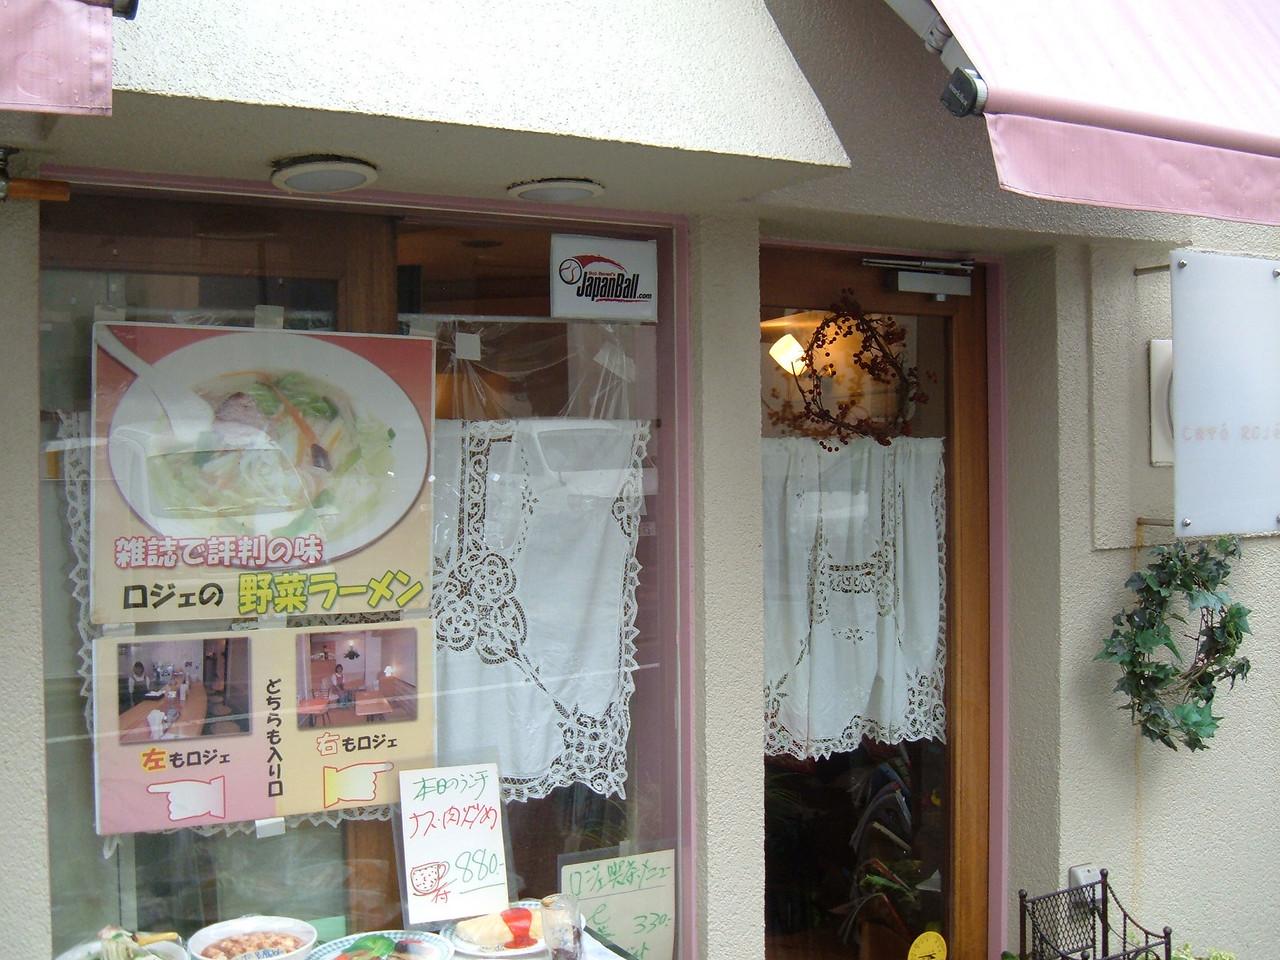 JapanBall Hall of Fame